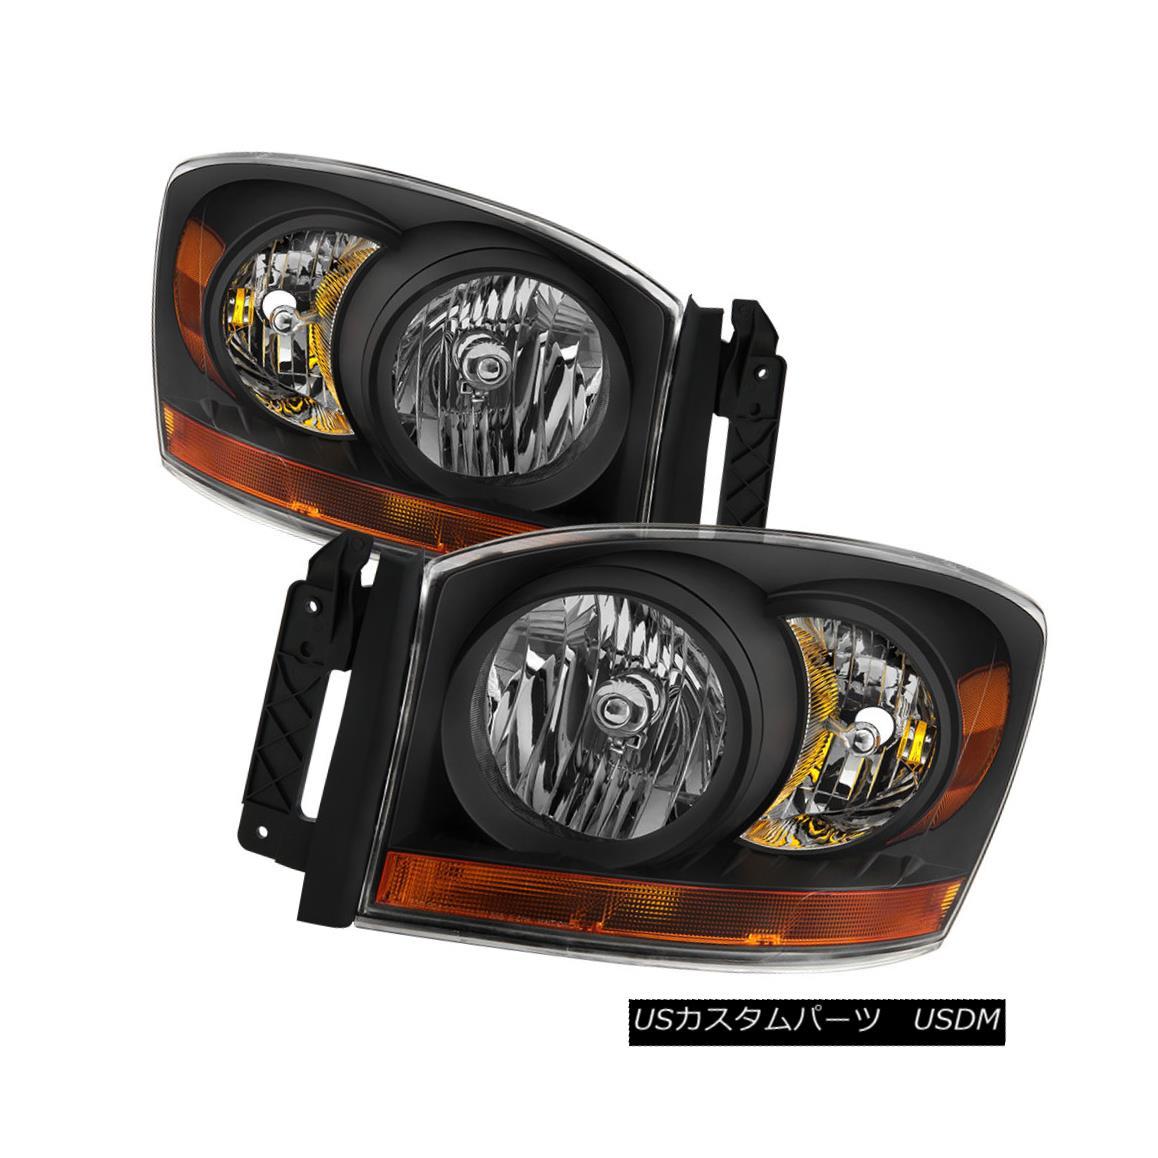 ヘッドライト Dodge 07-08 Ram 1500 2500 3500 Black Housing Replacement Headlights Pair Set ドッジ07-08ラム1500 2500 3500ブラックハウジング交換ヘッドライトペアセット